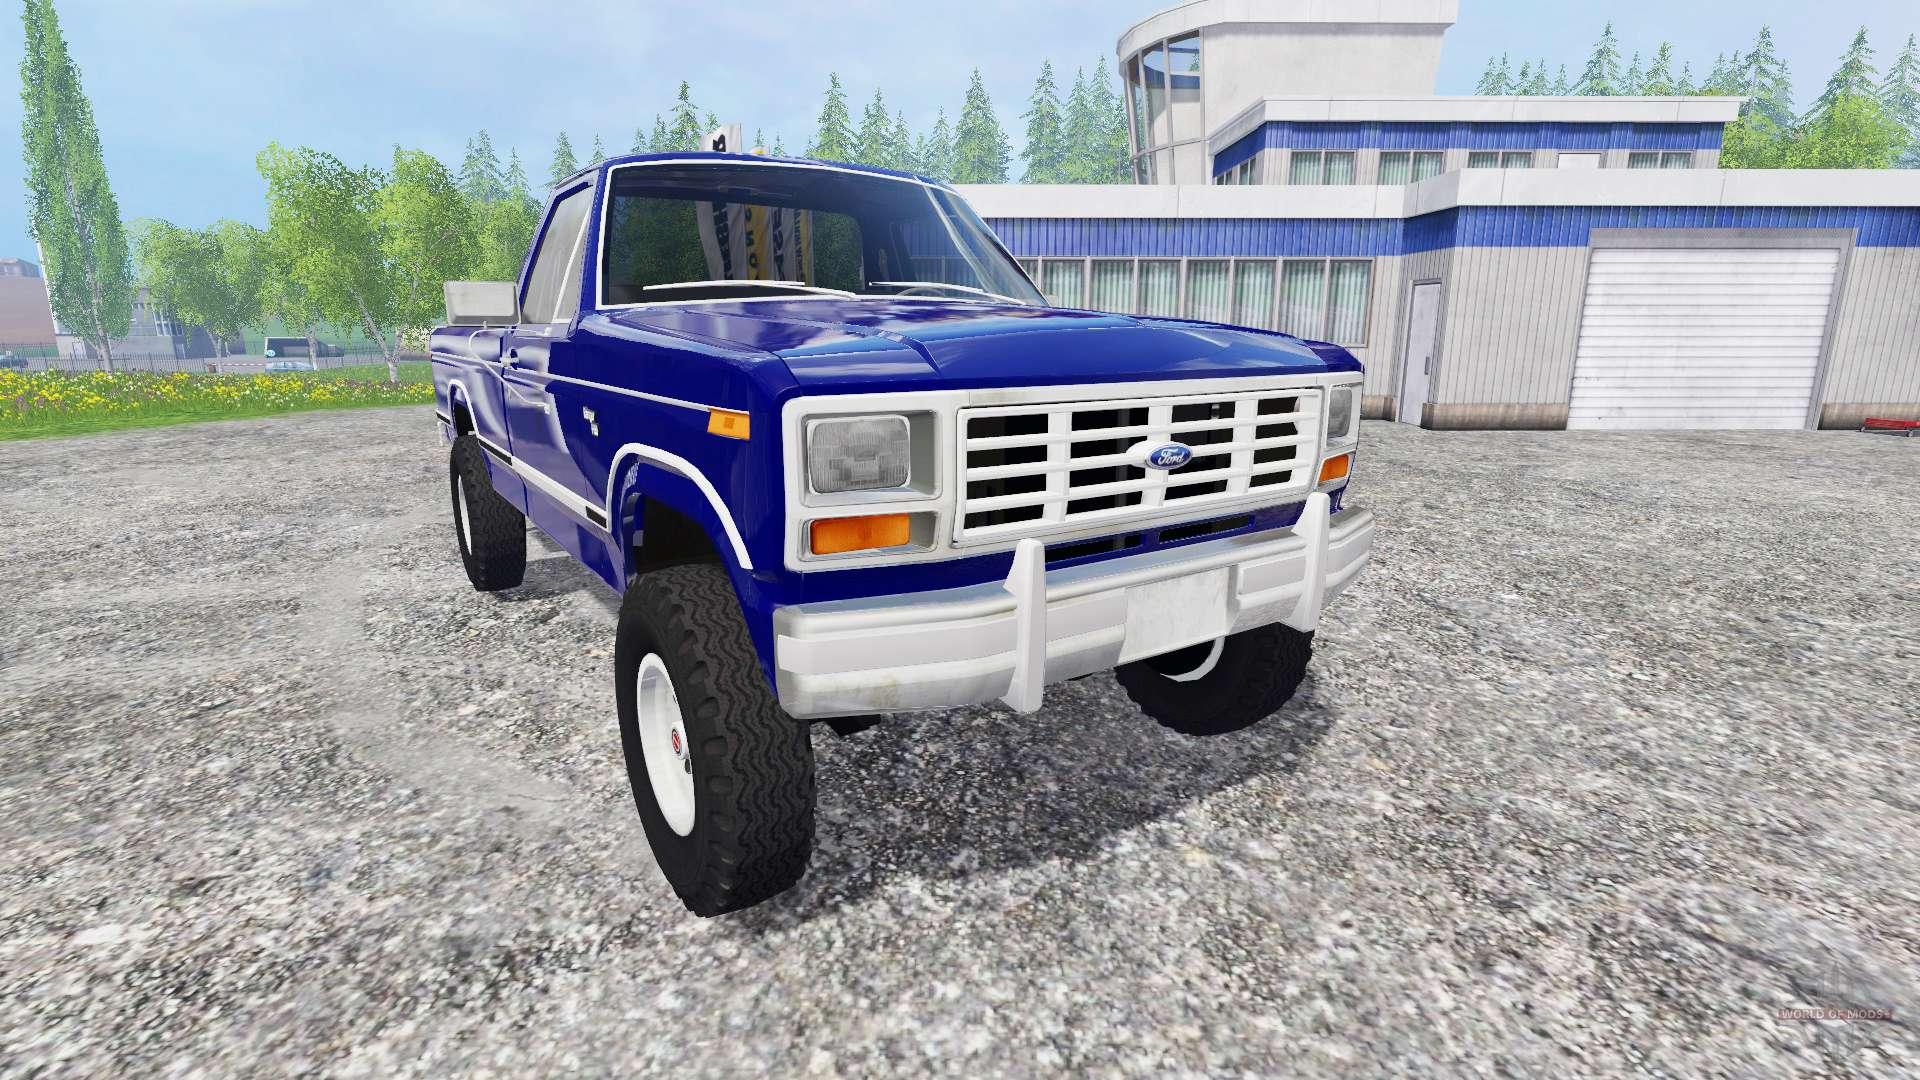 Ford Ranger F-150 1981 for Farming Simulator 2015  Ford Ranger F-1...